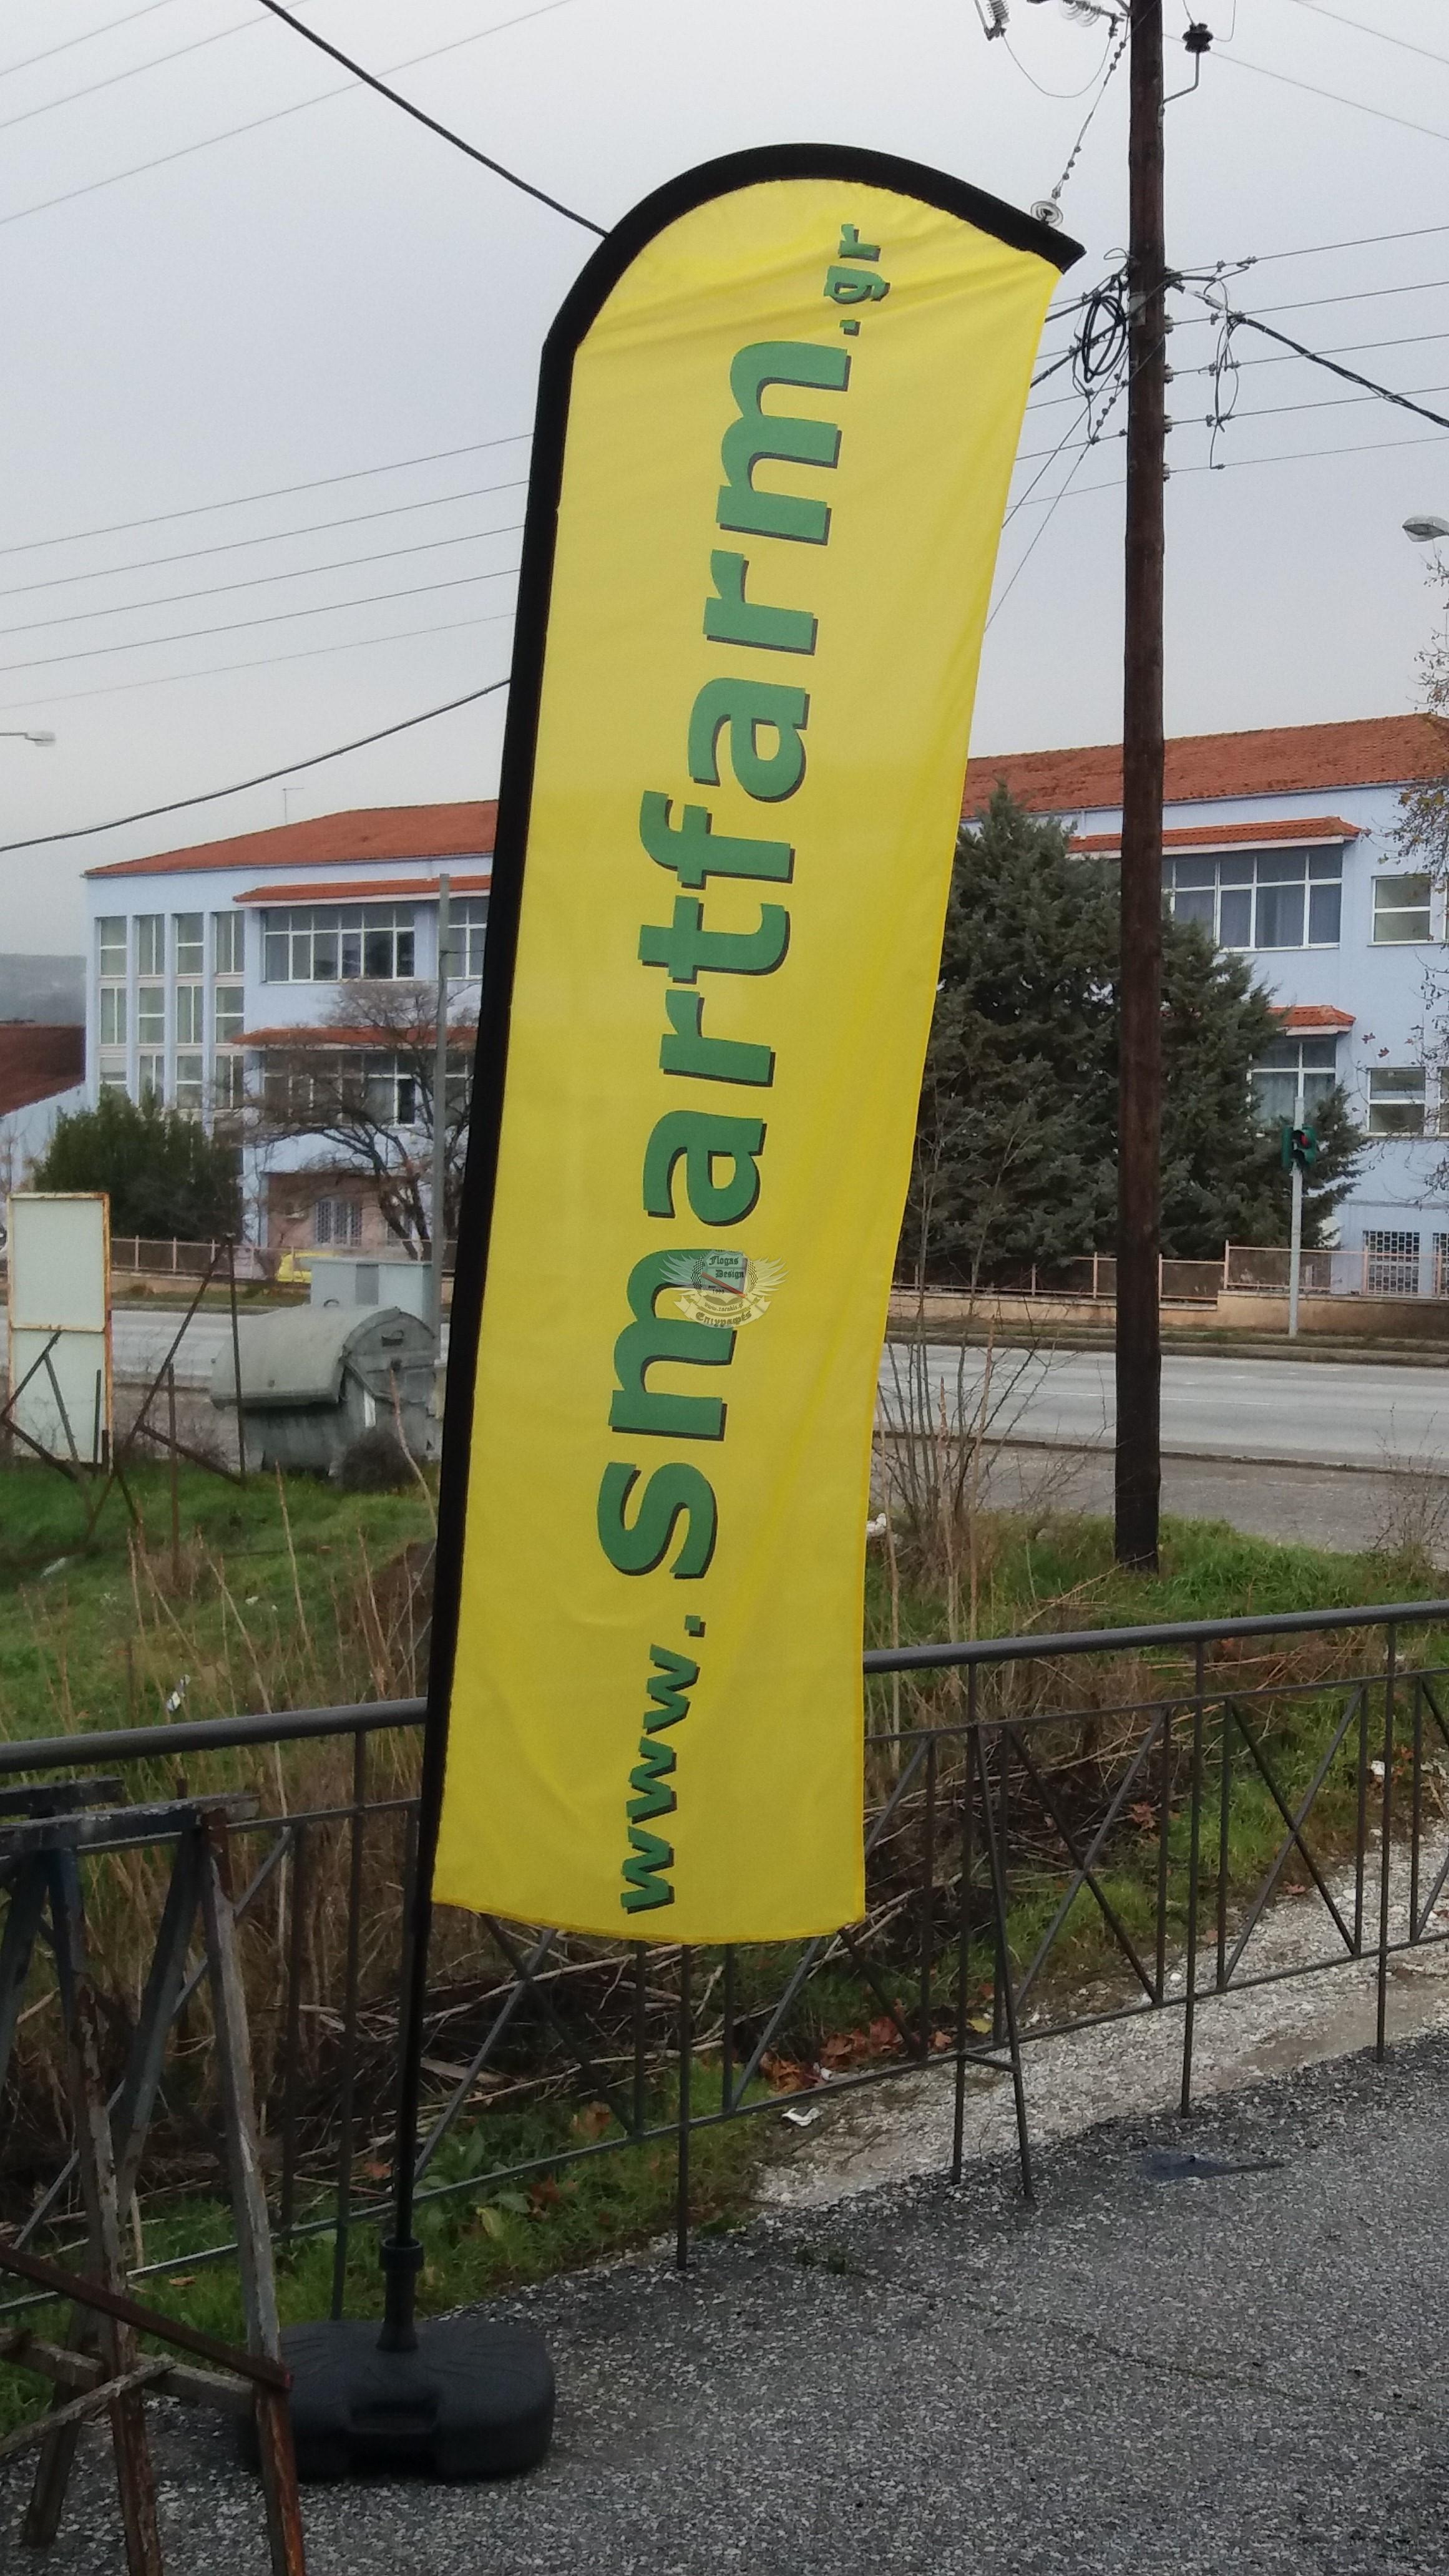 εκτυπωμένη σημαία, banner, flying flag, φτερό, σημαία με βάση